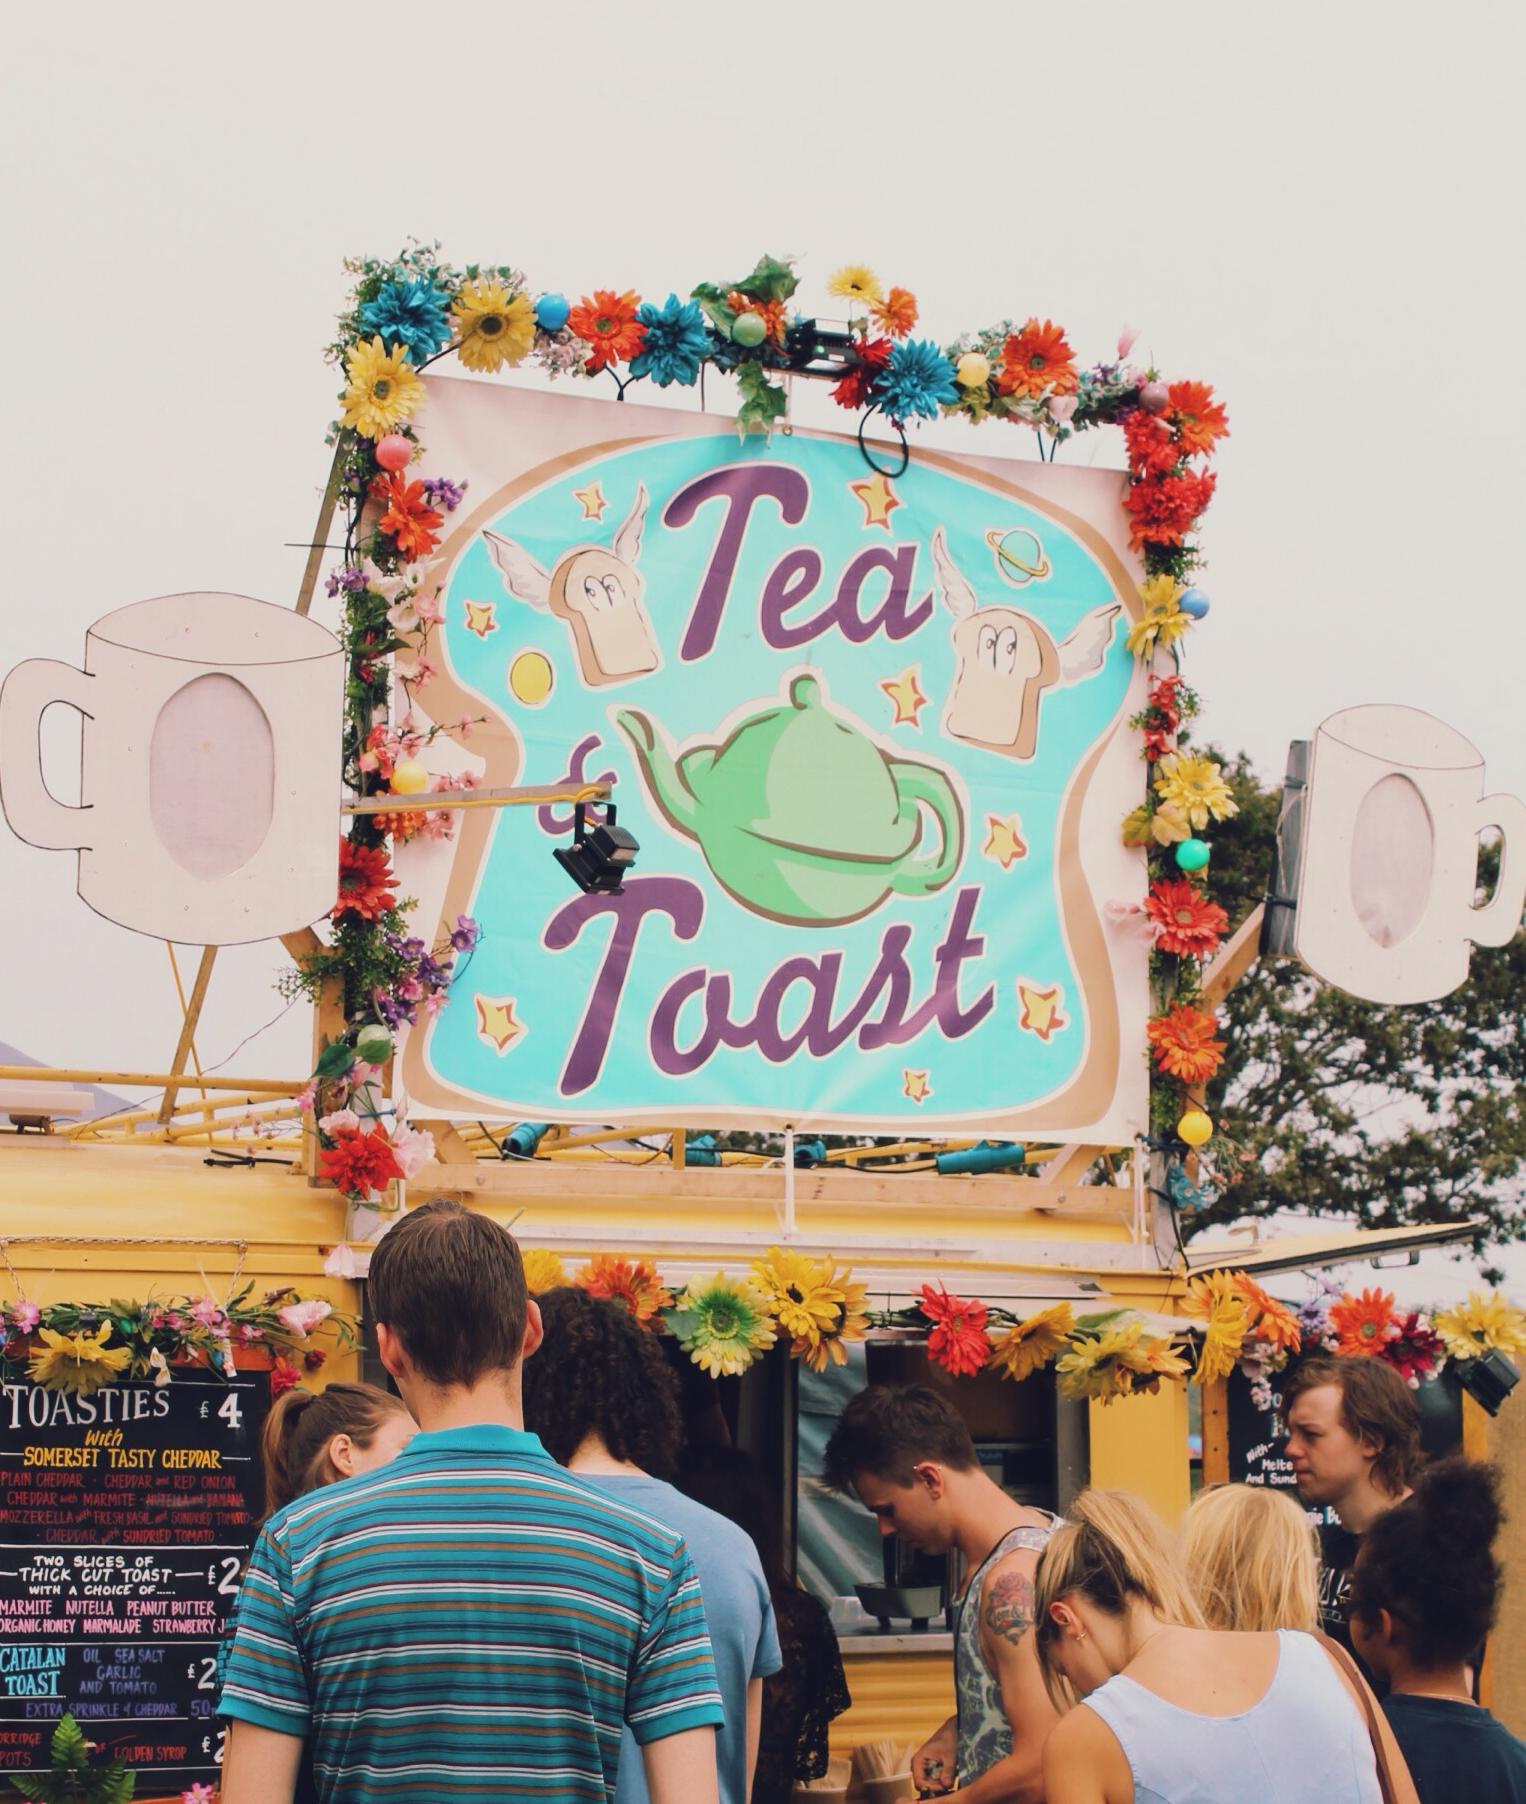 tea toast